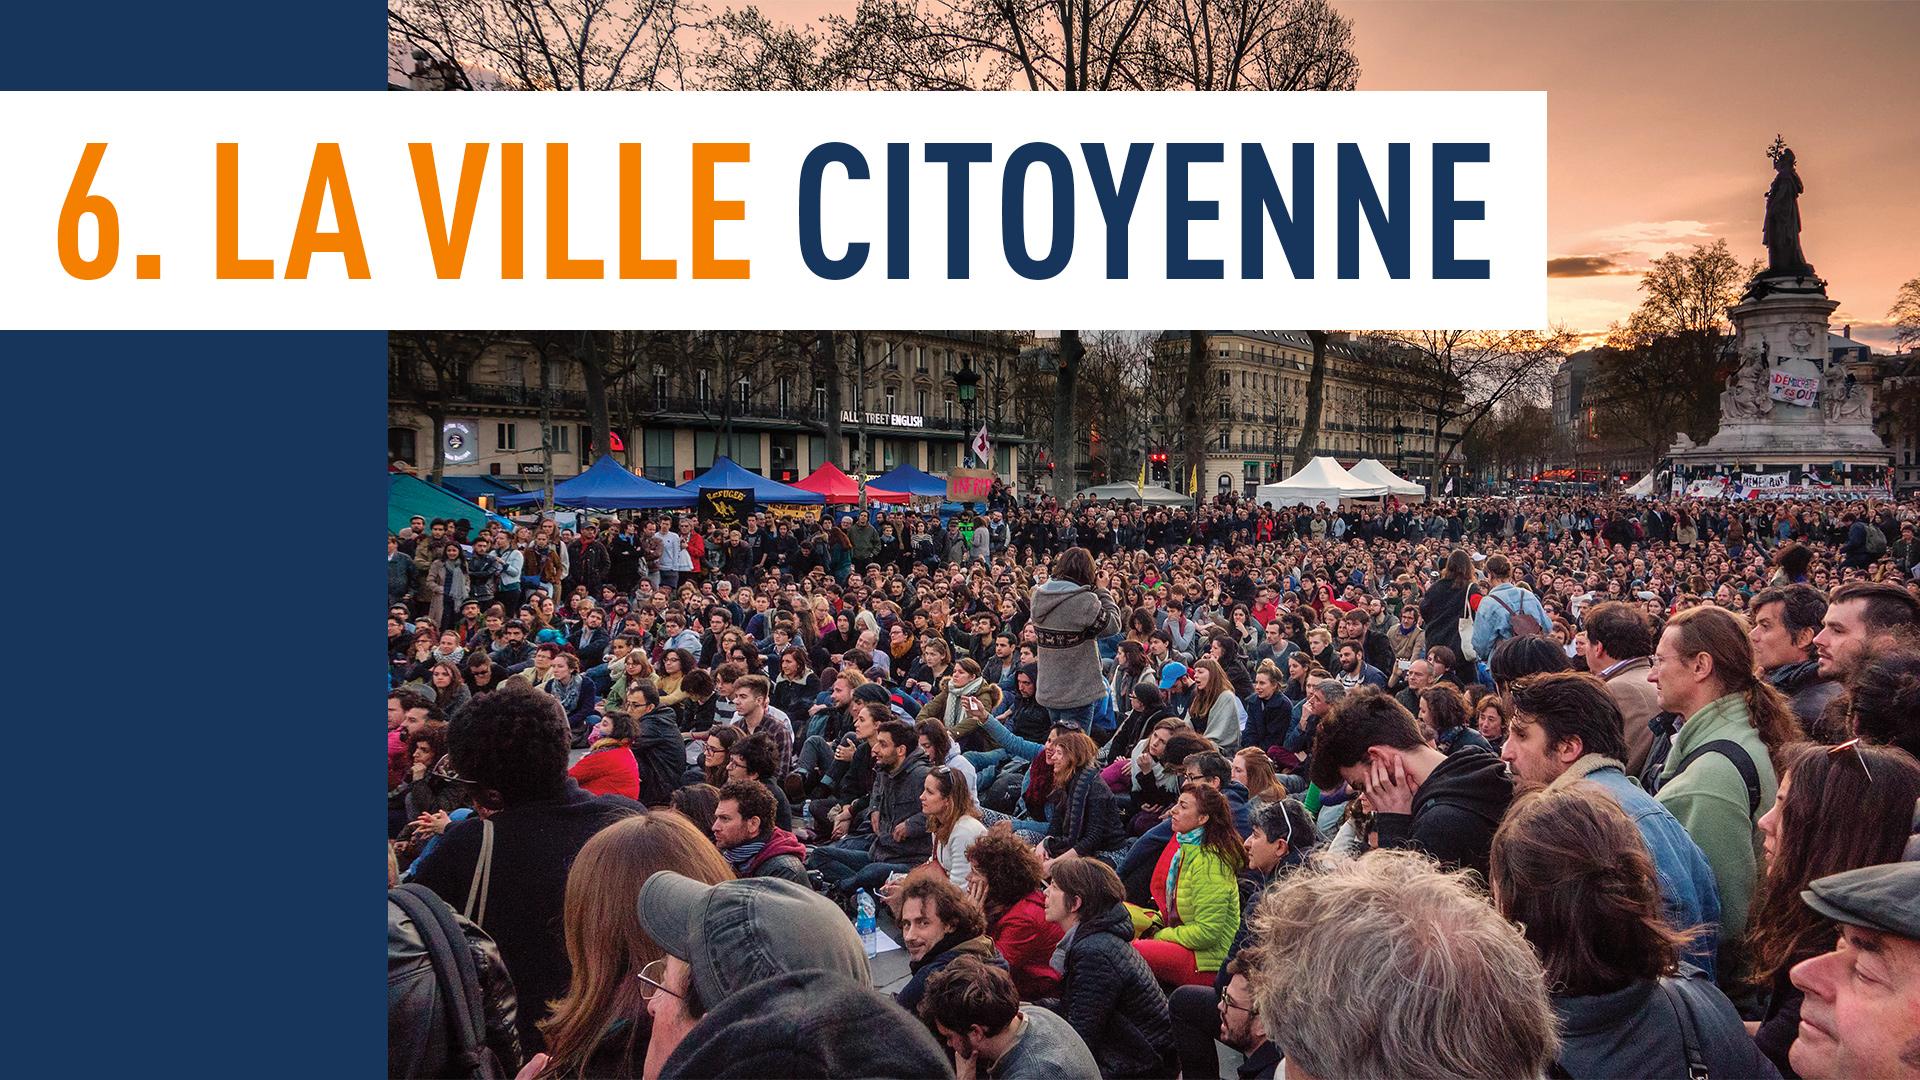 La Ville Citoyenne